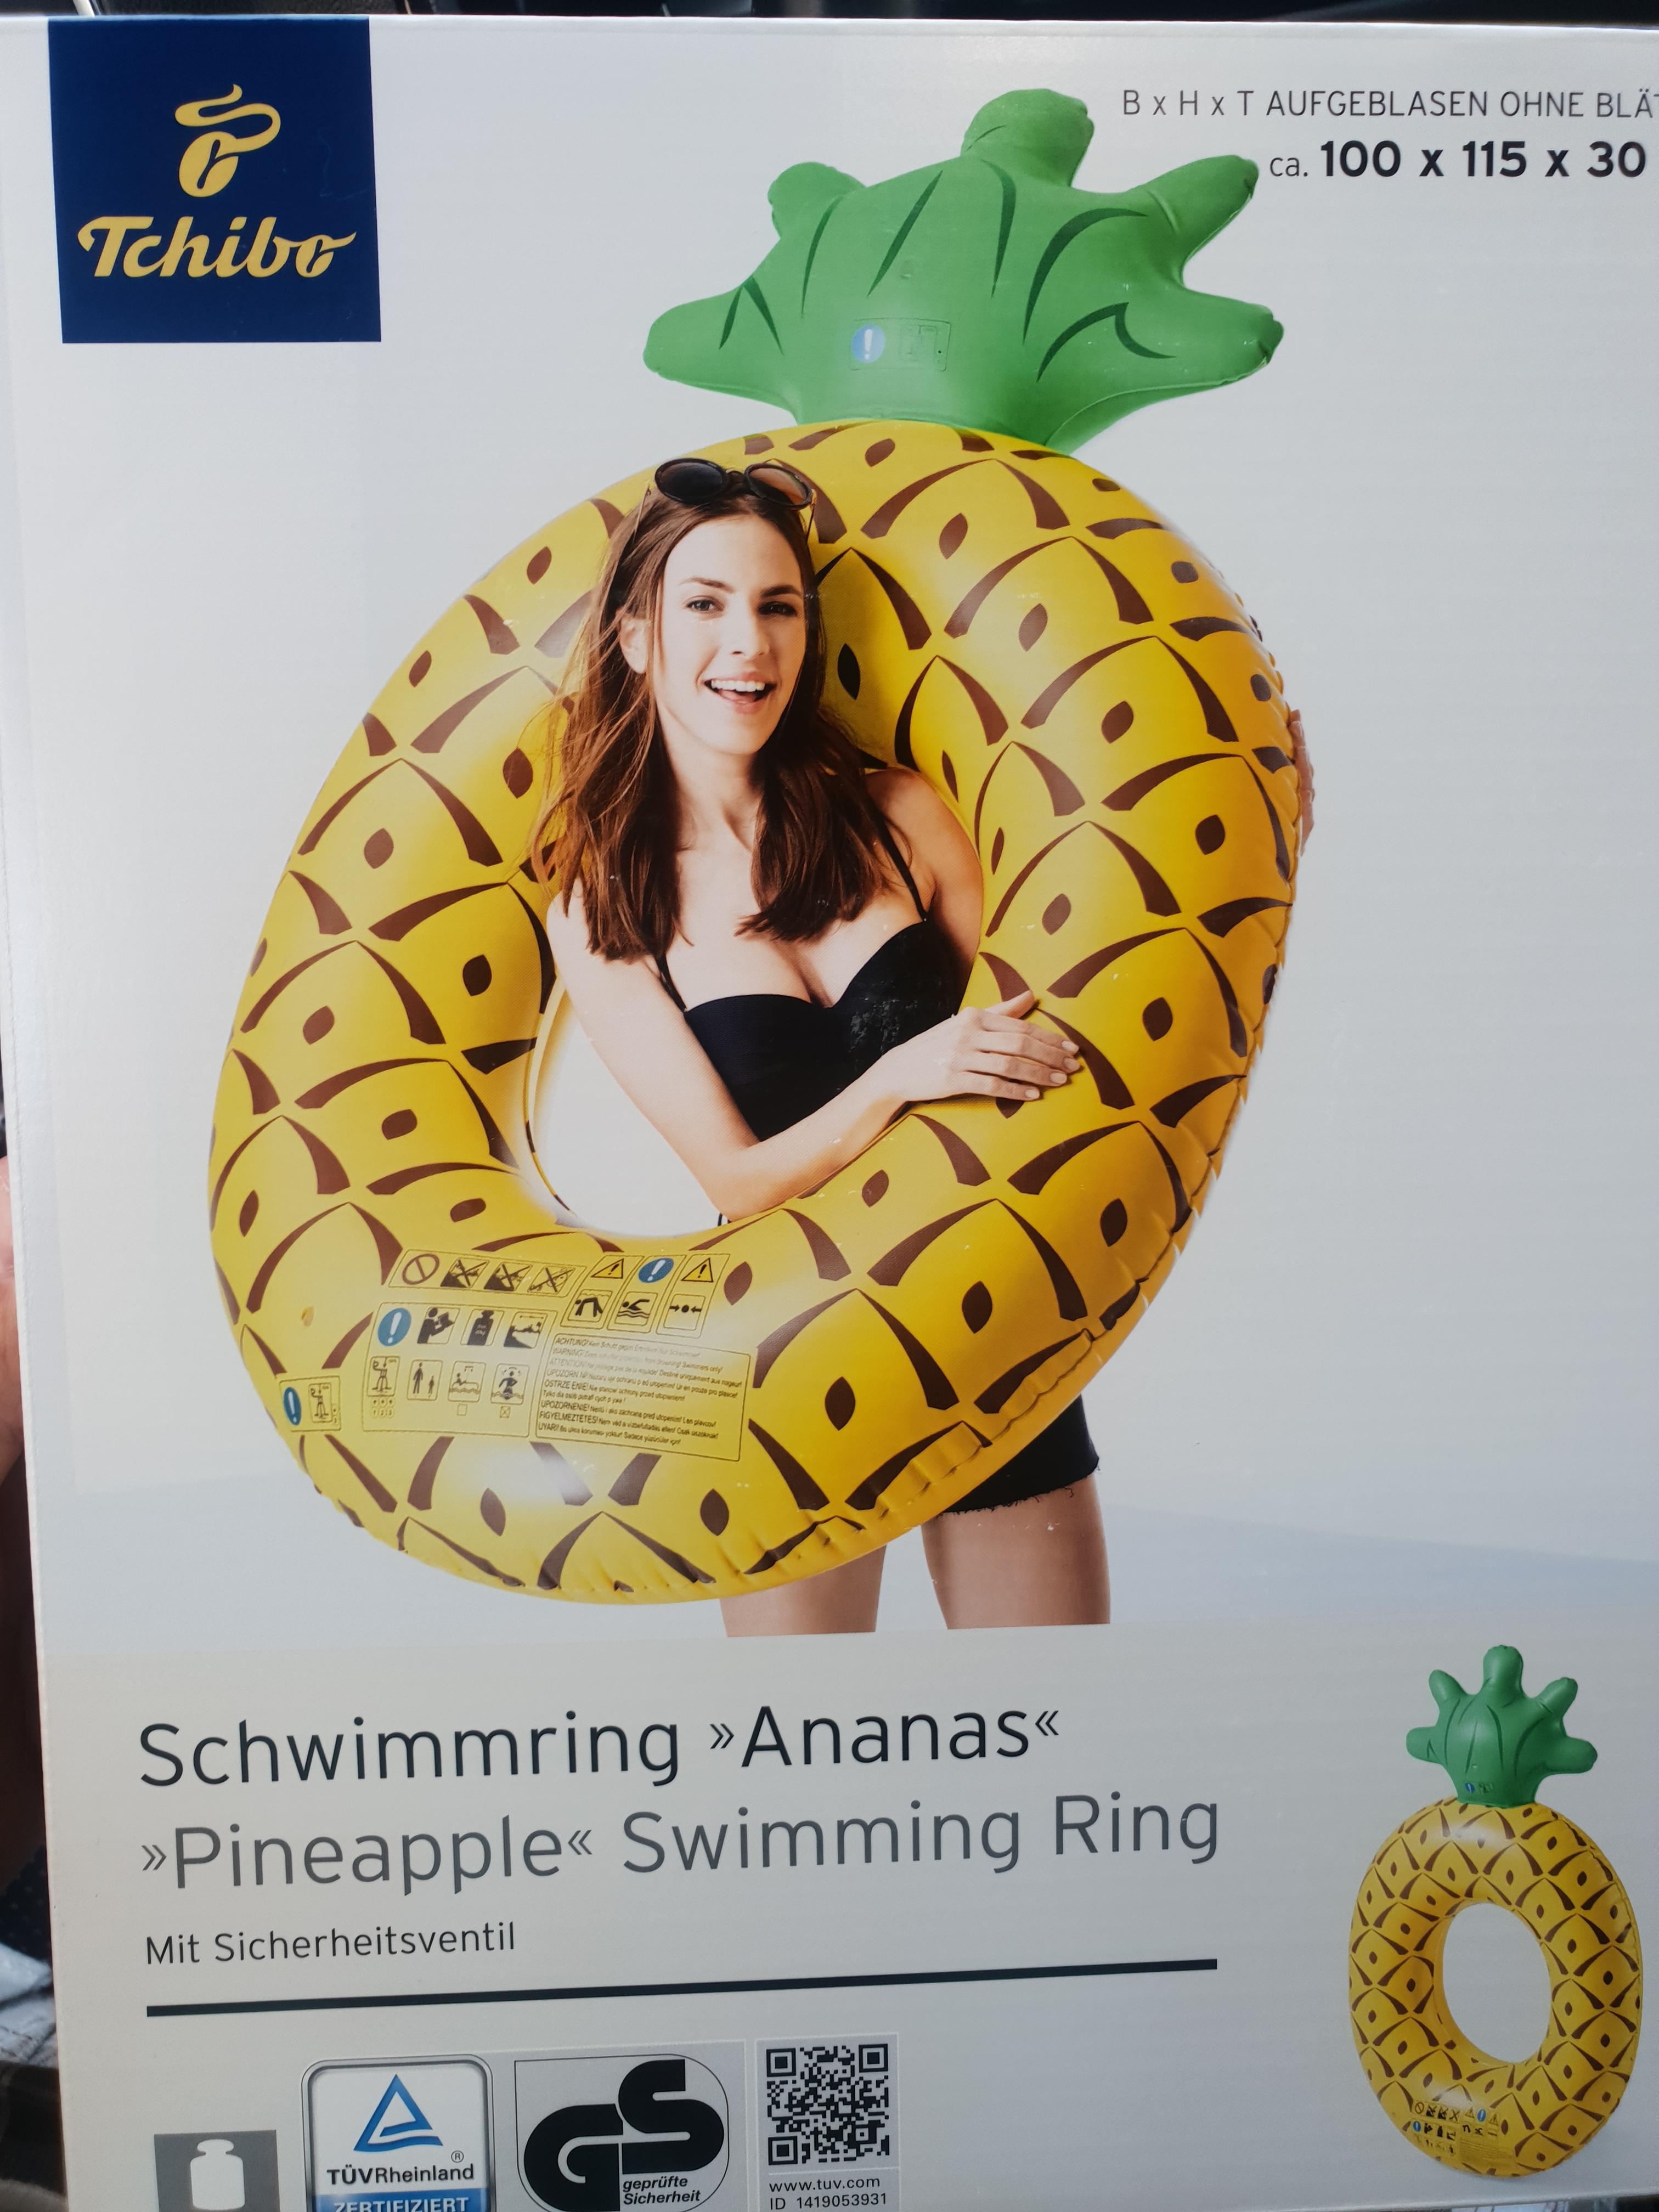 [Offline & online] Schwimmring Ananas @ Tchibo - Kaufpark Eiche